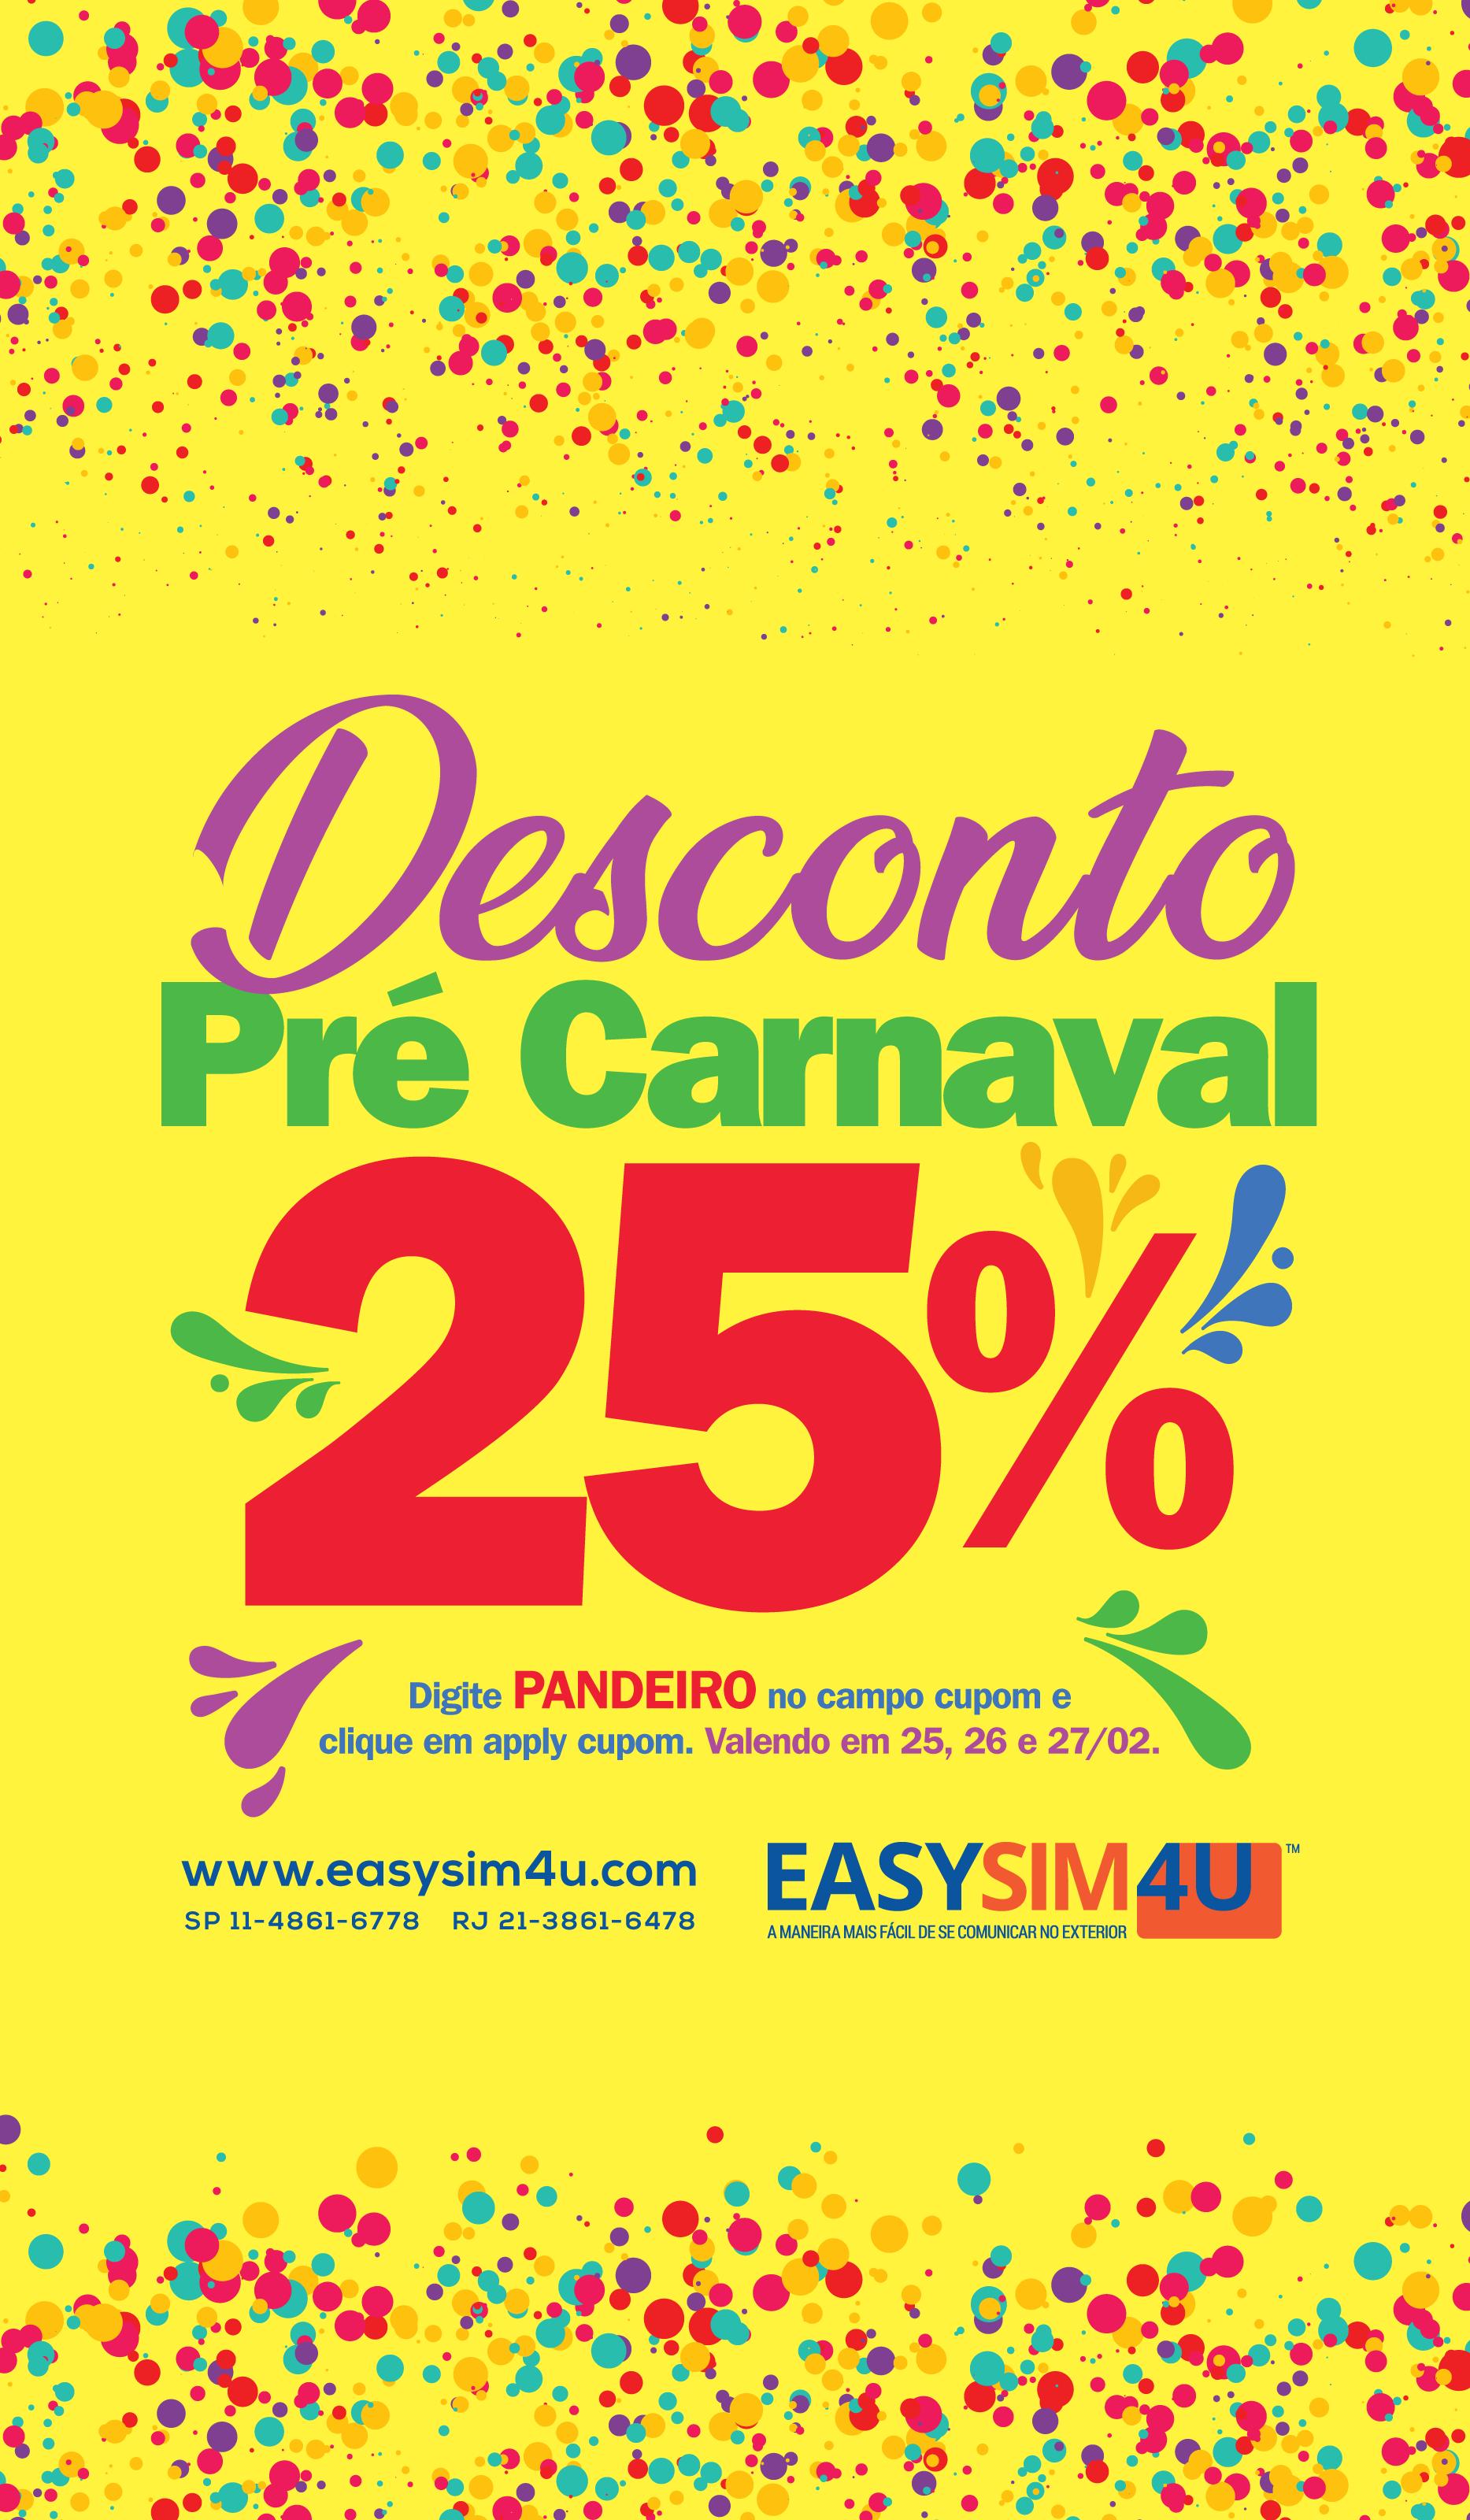 Cupom Easysim4u - Pré-carnaval